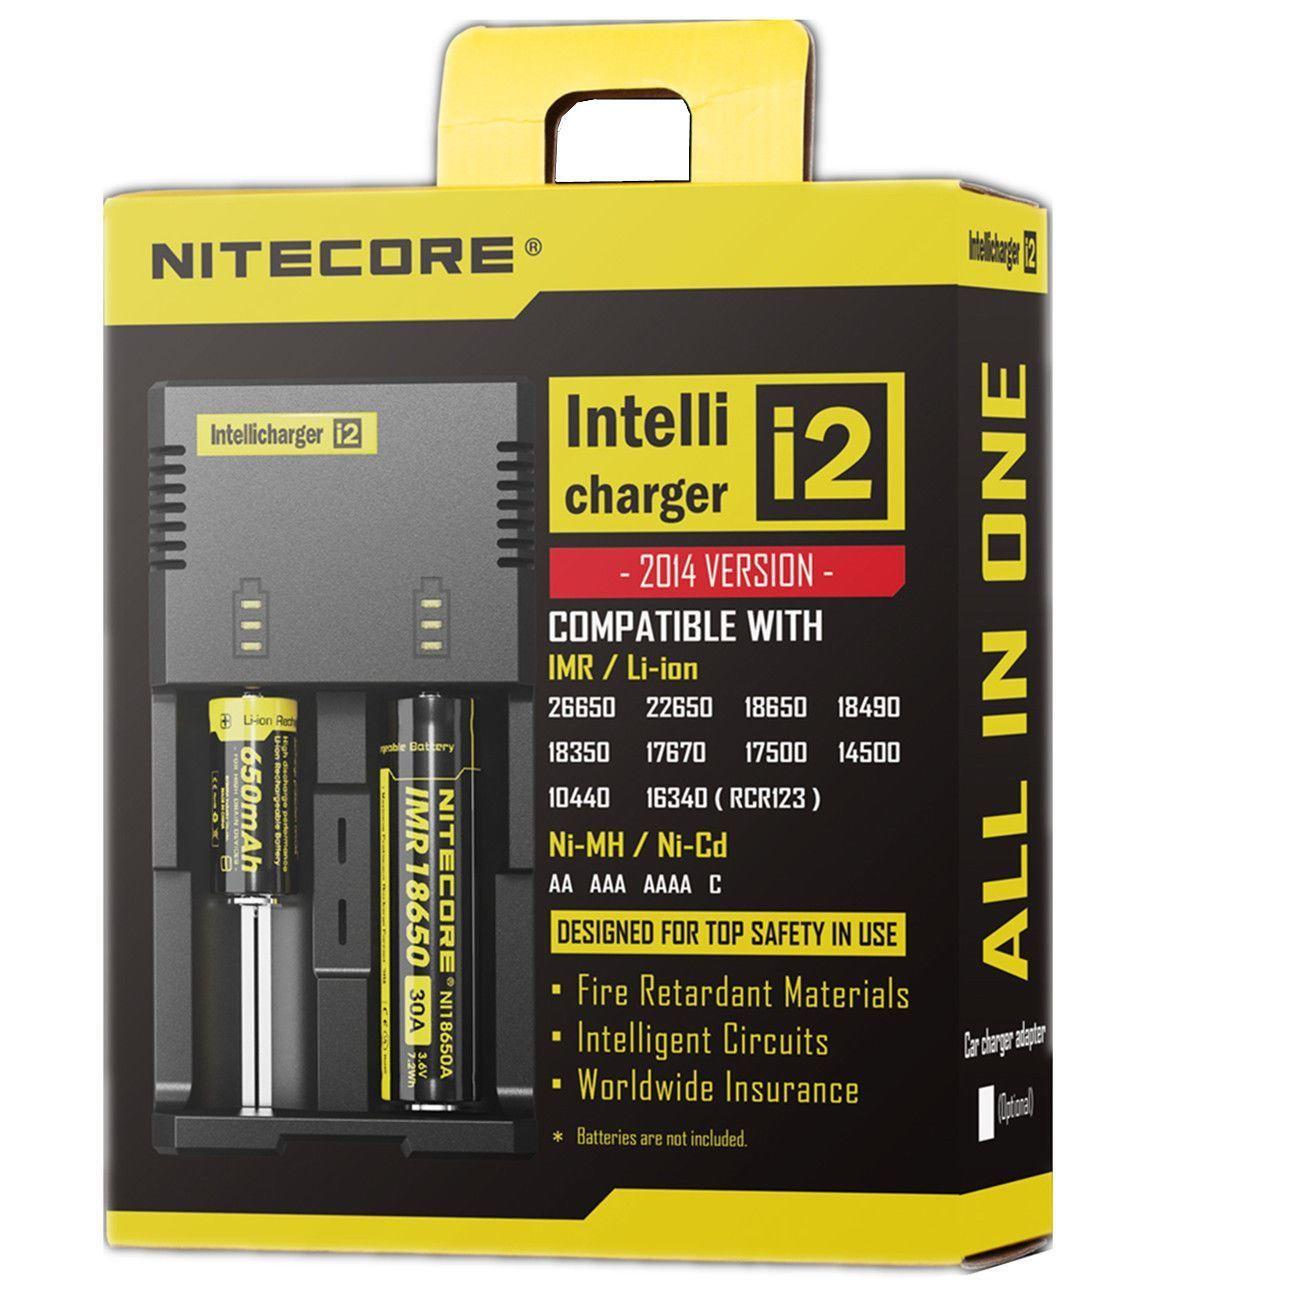 Nitecore I2 Intelli Charger 18350 26650 Imr Universal